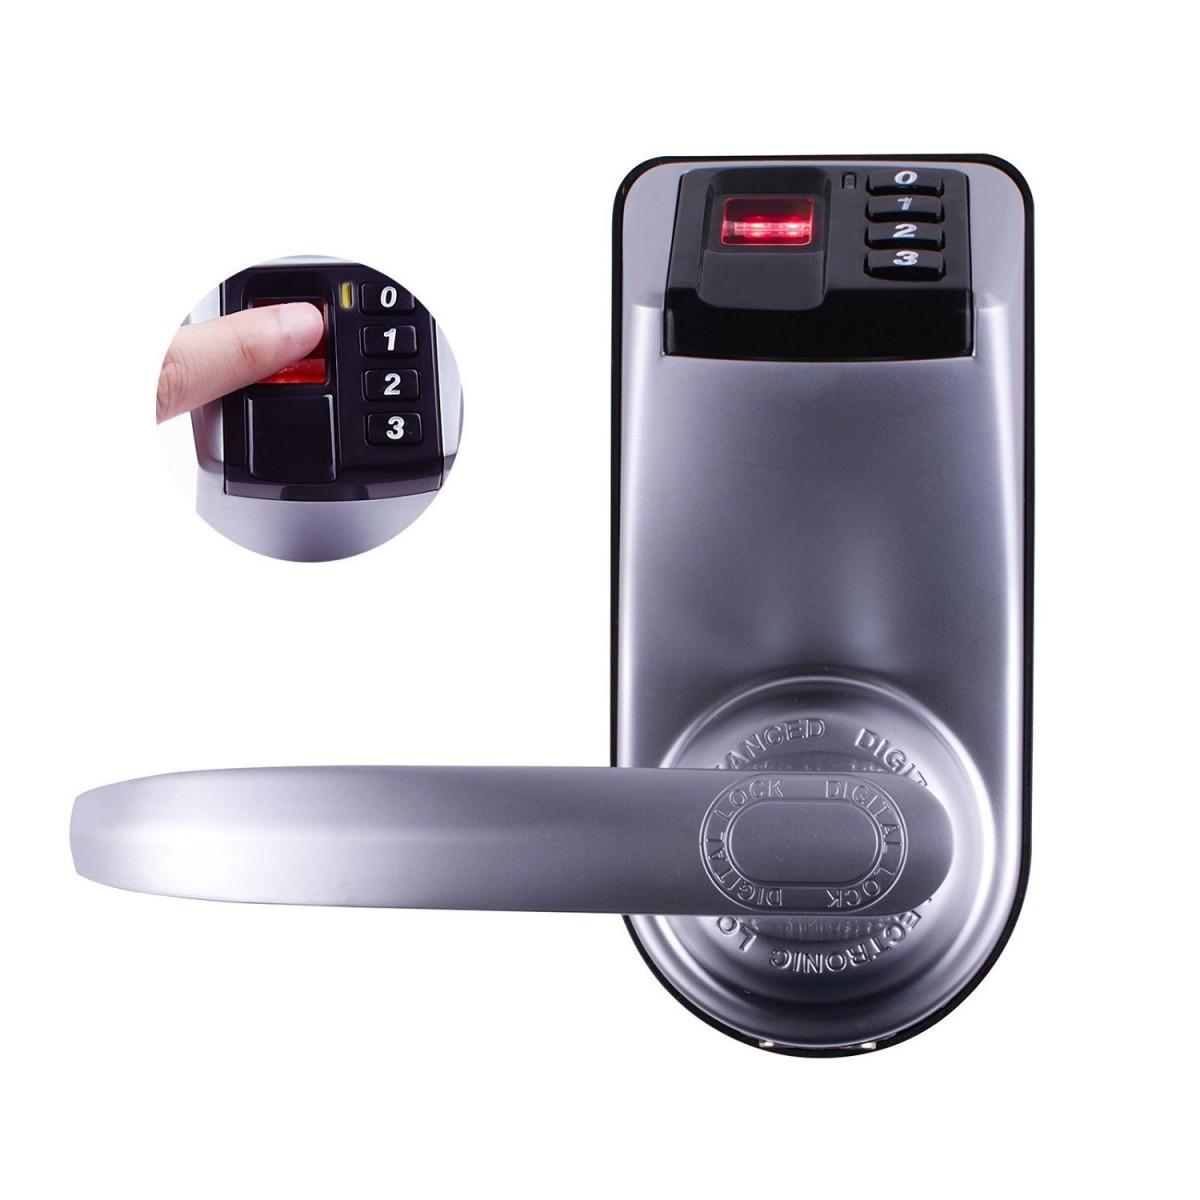 Adel 3398 Fingerprint Digital Door Lock Jal Electricals